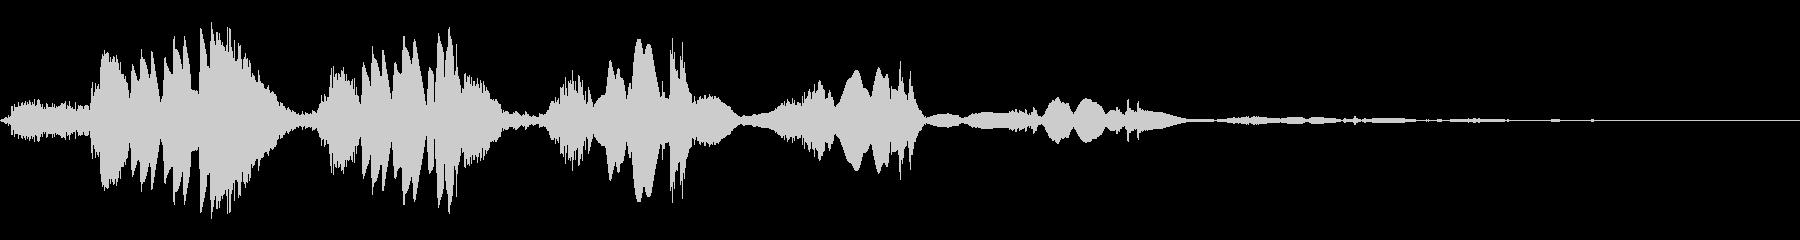 ウェットスワイプエコーの未再生の波形